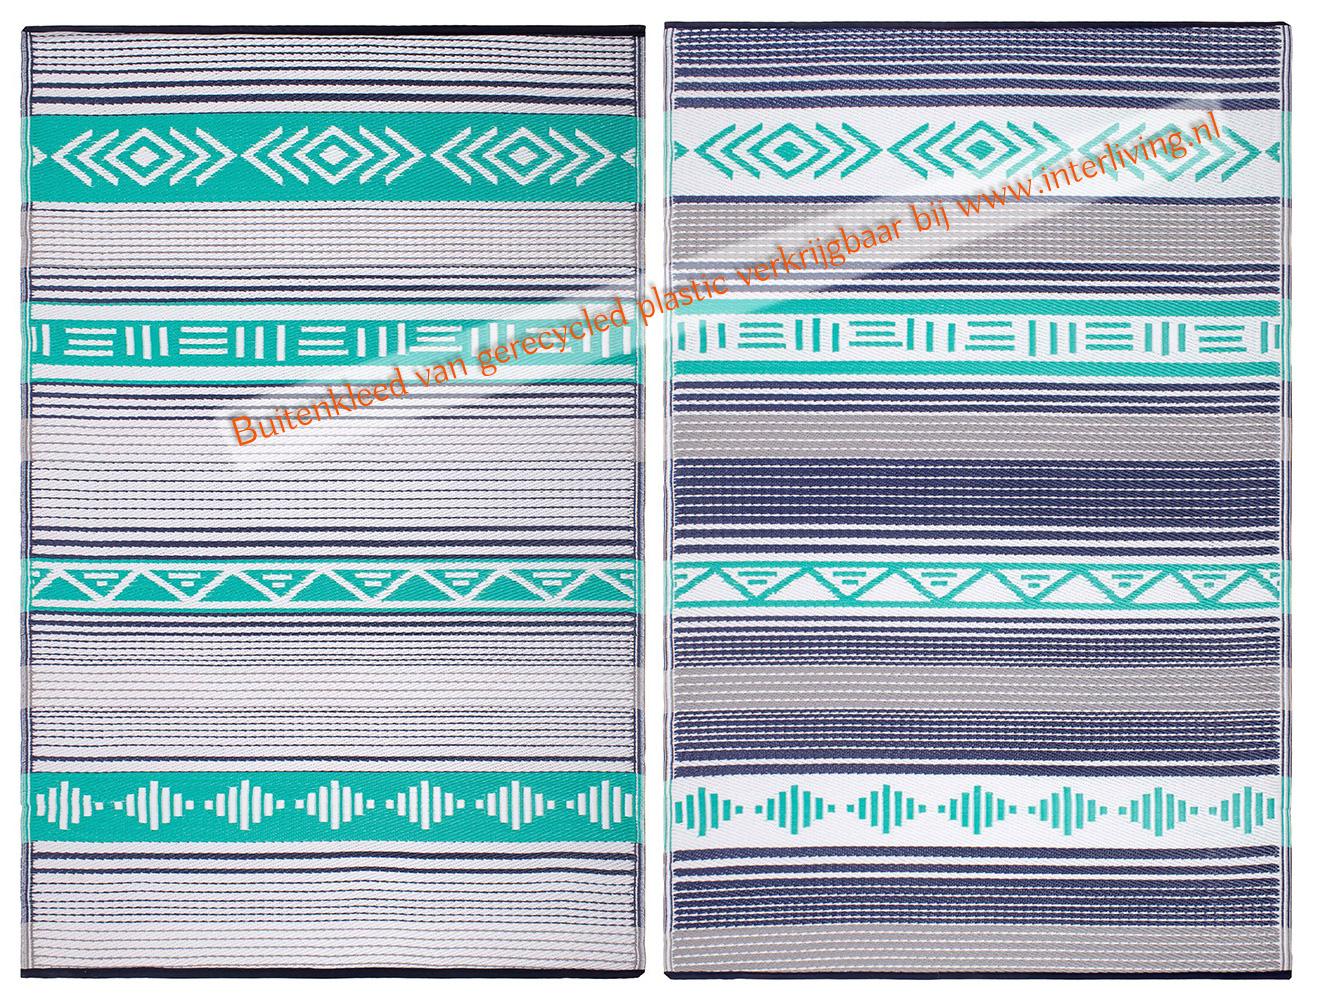 Ibiza bohemian buitenkleed - gerecycled plastic met zwart witte streepjes en geometrische patronen - groen blauw en turquoise kleuren